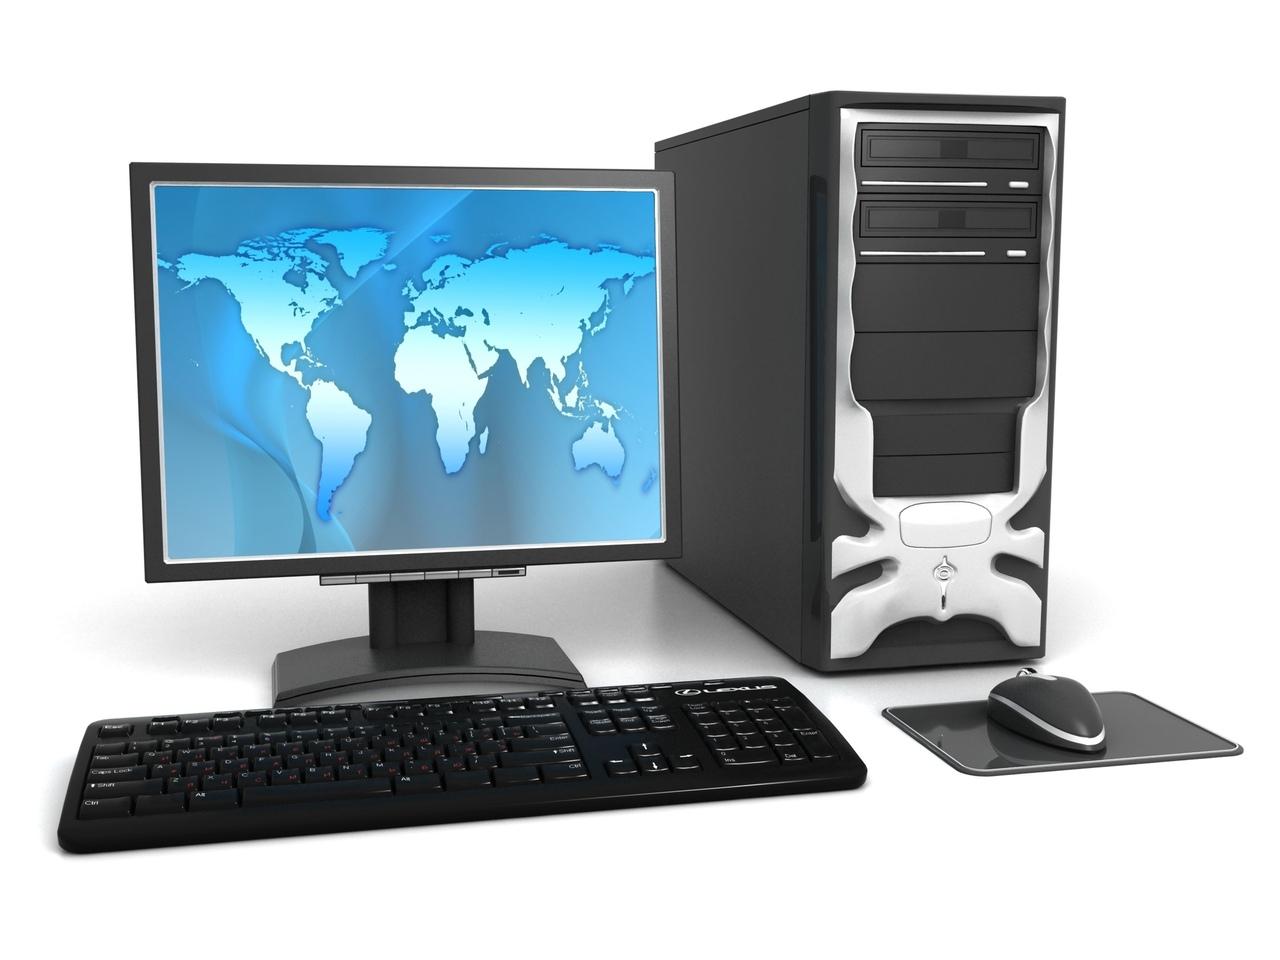 Современный персональный компьютер картинки фотографий дополнительным